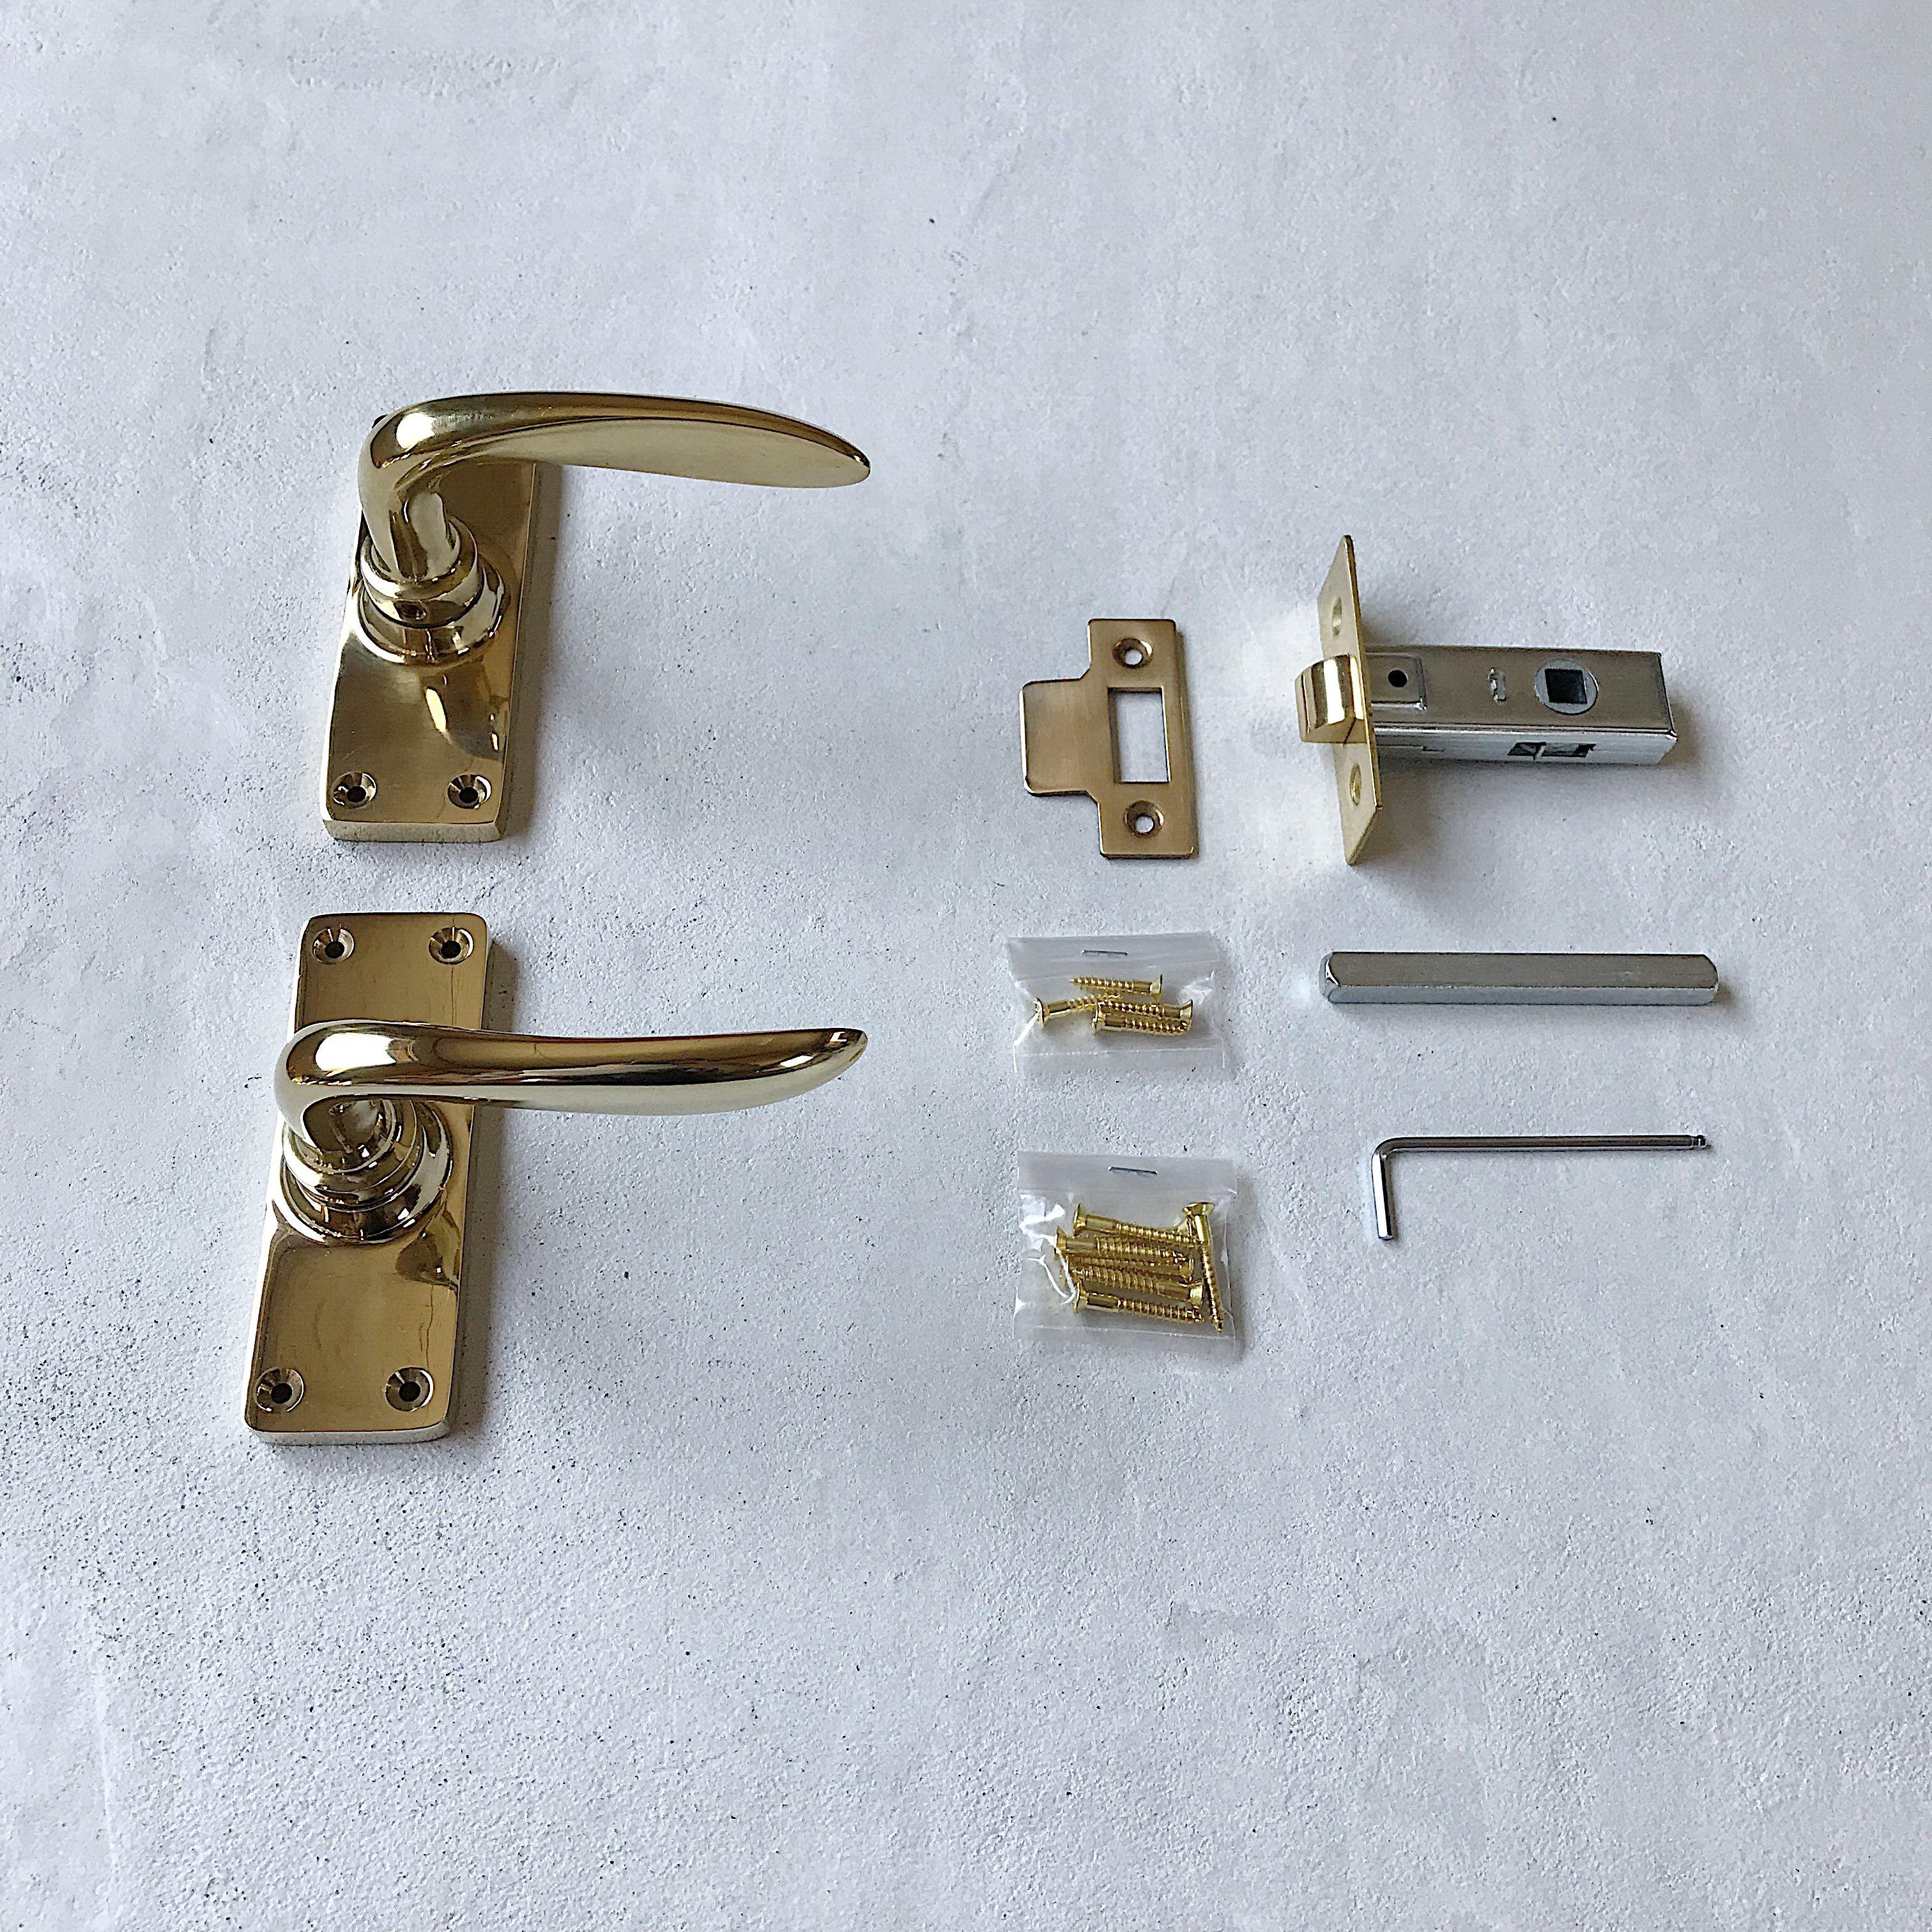 イギリスのハンドルをモチーフにした真鍮製のレバーハンドル 美しい曲線のレバーは台座とともにそれぞれ丁寧に鋳造して作られています そのなめらかに仕上げられた表面は手触りも良く ずっしりとした重厚感は一般的な真鍮金物にはない存在感があります またレバー